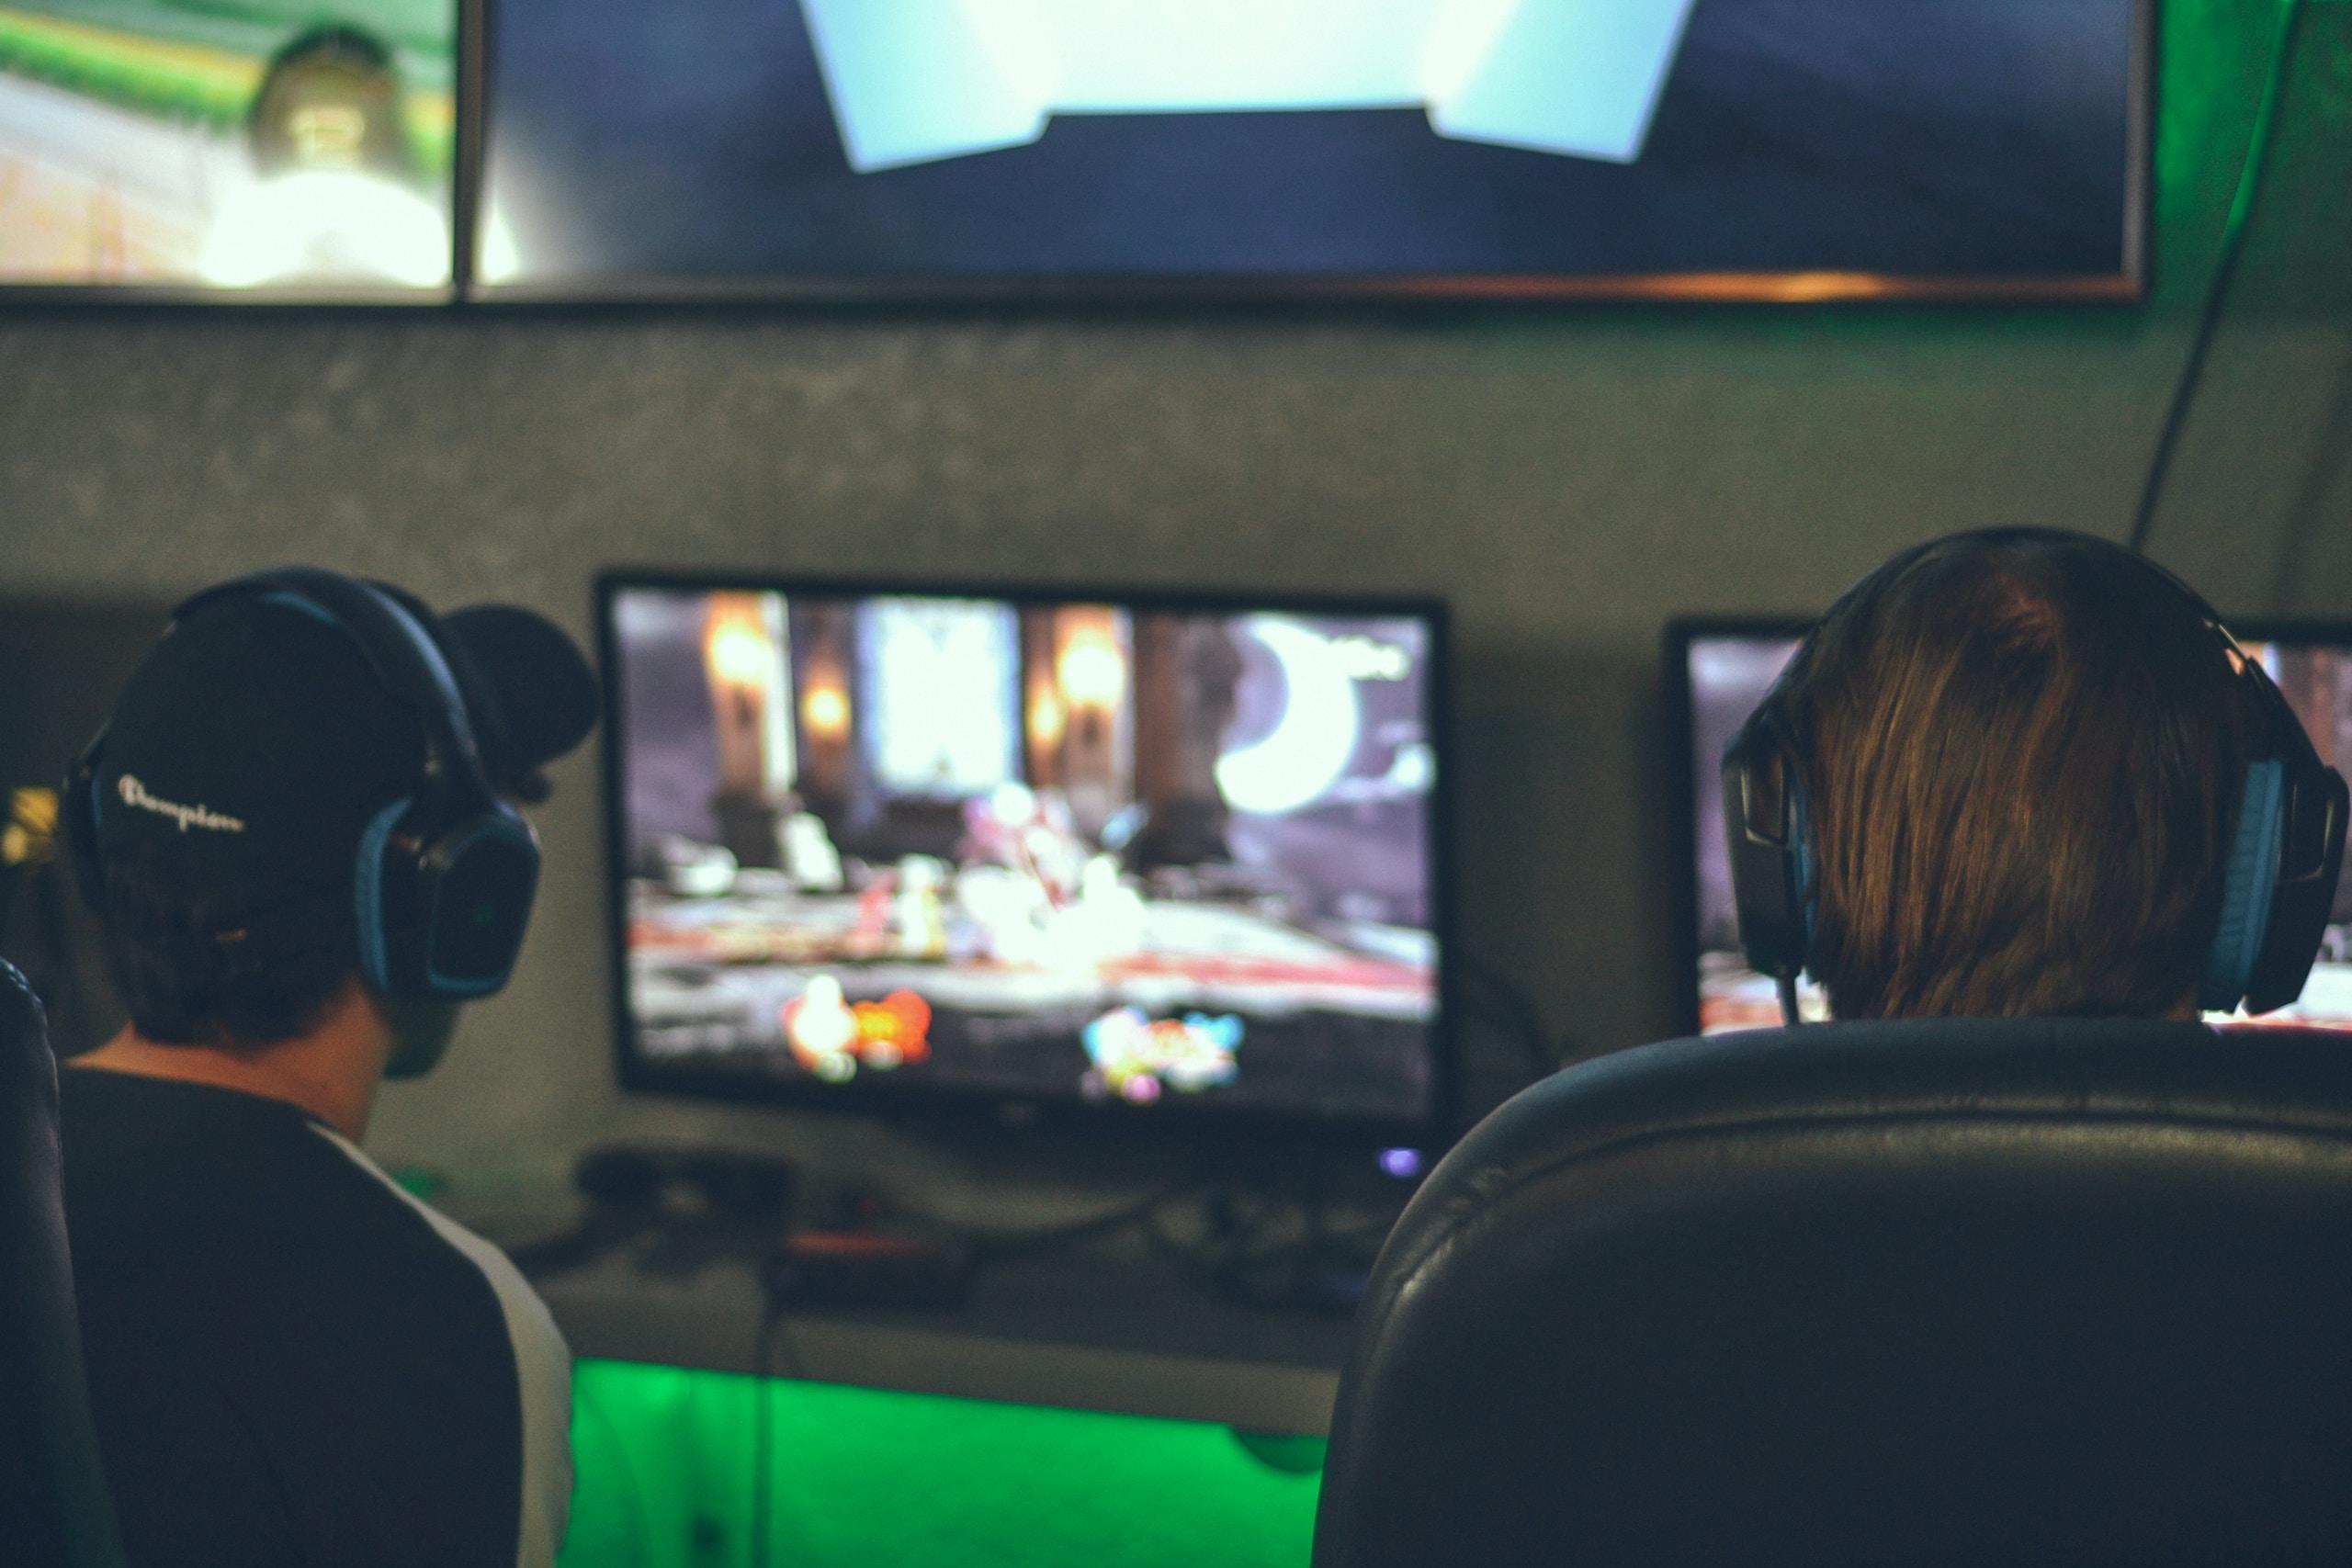 Microsoft reducirá a 12% su comisión por ventas de videojuegos